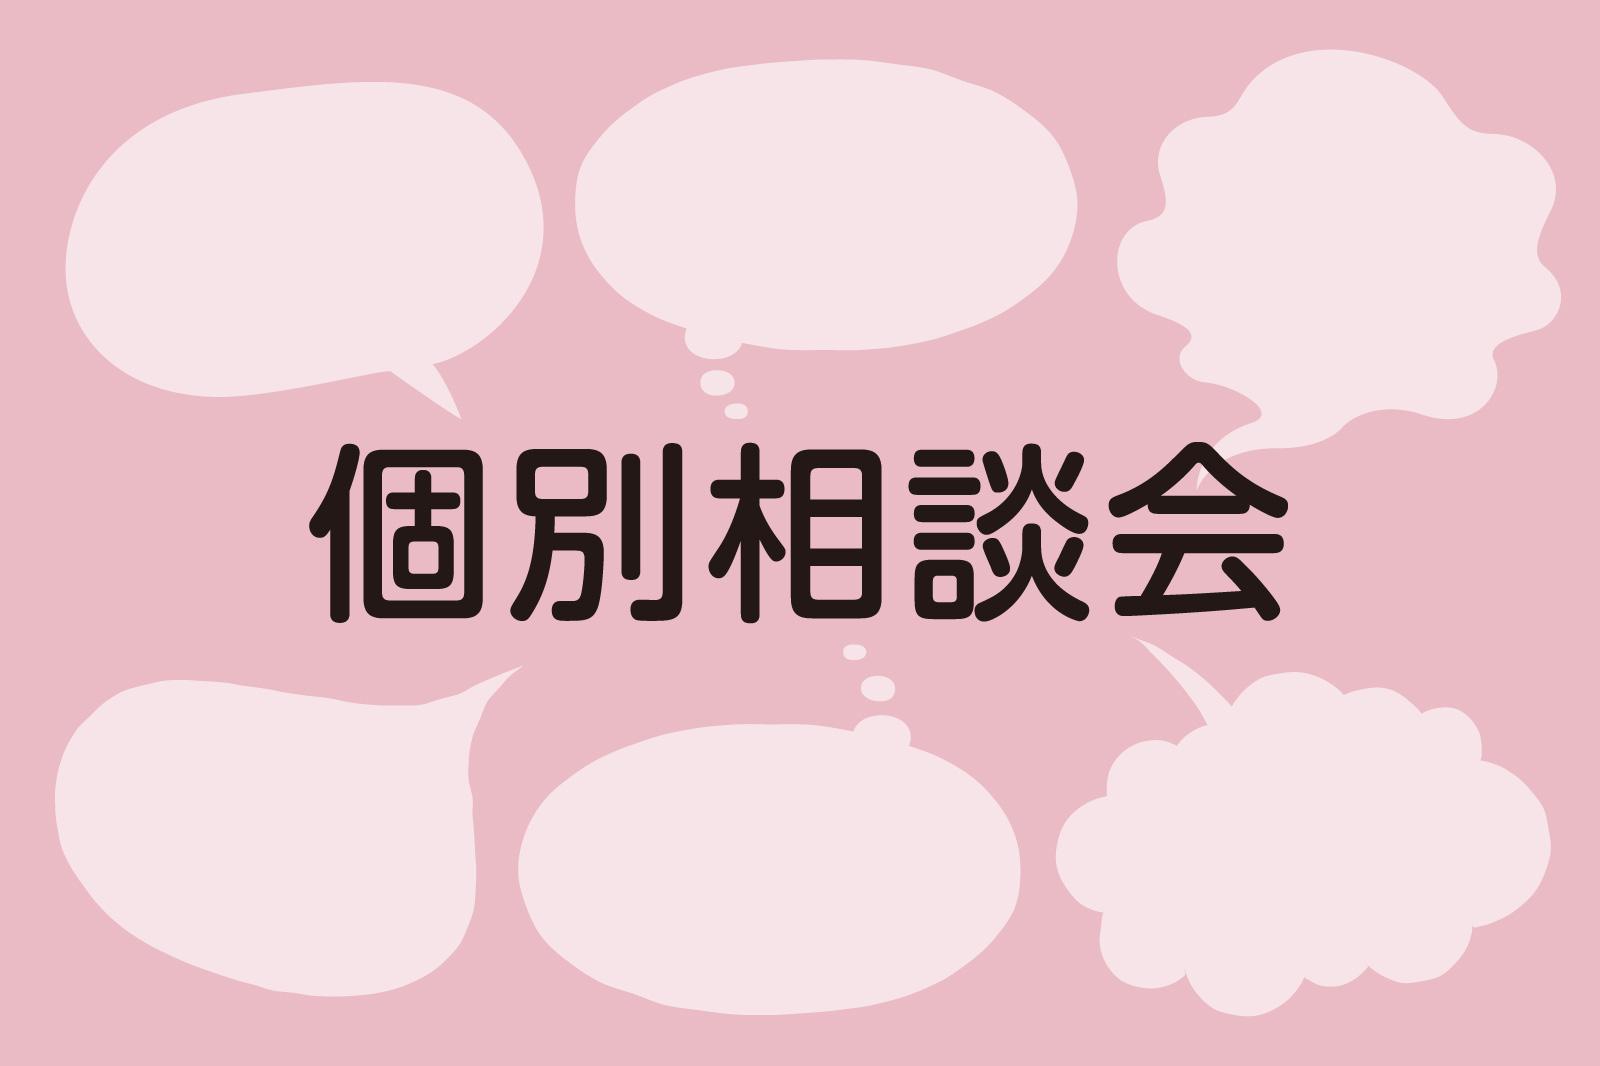 個別相談説明会・・・大阪信愛学院高等学校 12/15